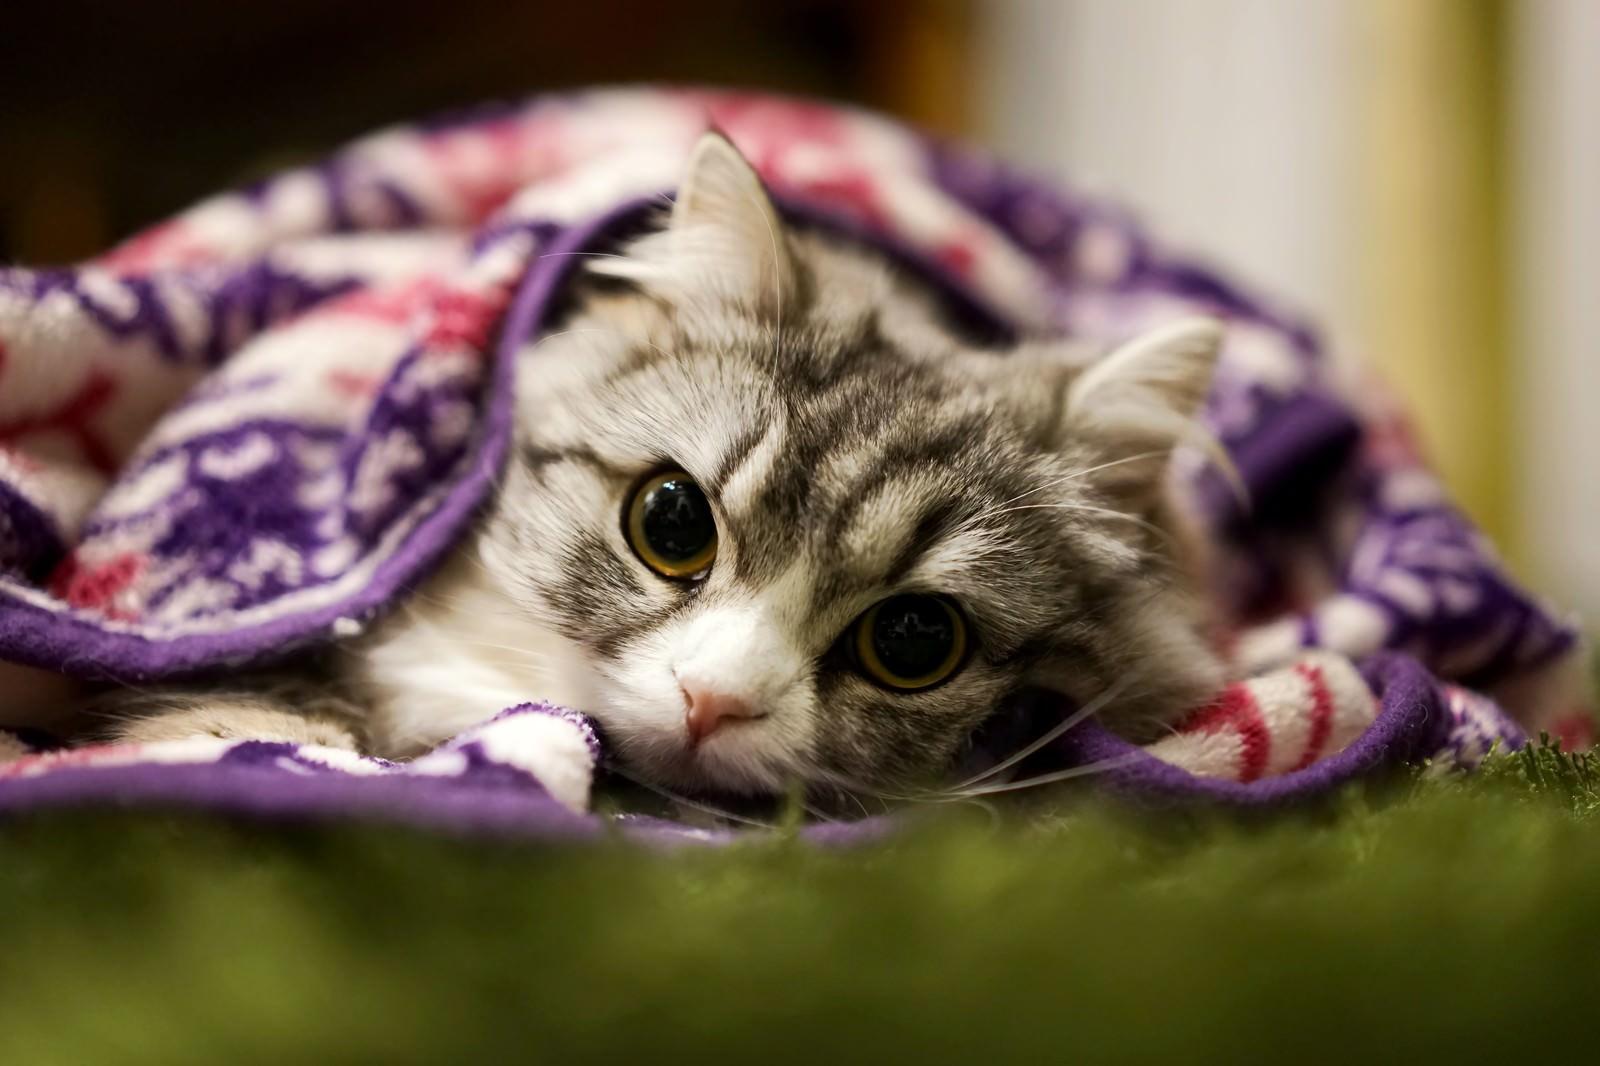 「ブランケットにくるまってるメス猫(スコティッシュフォールド)」の写真